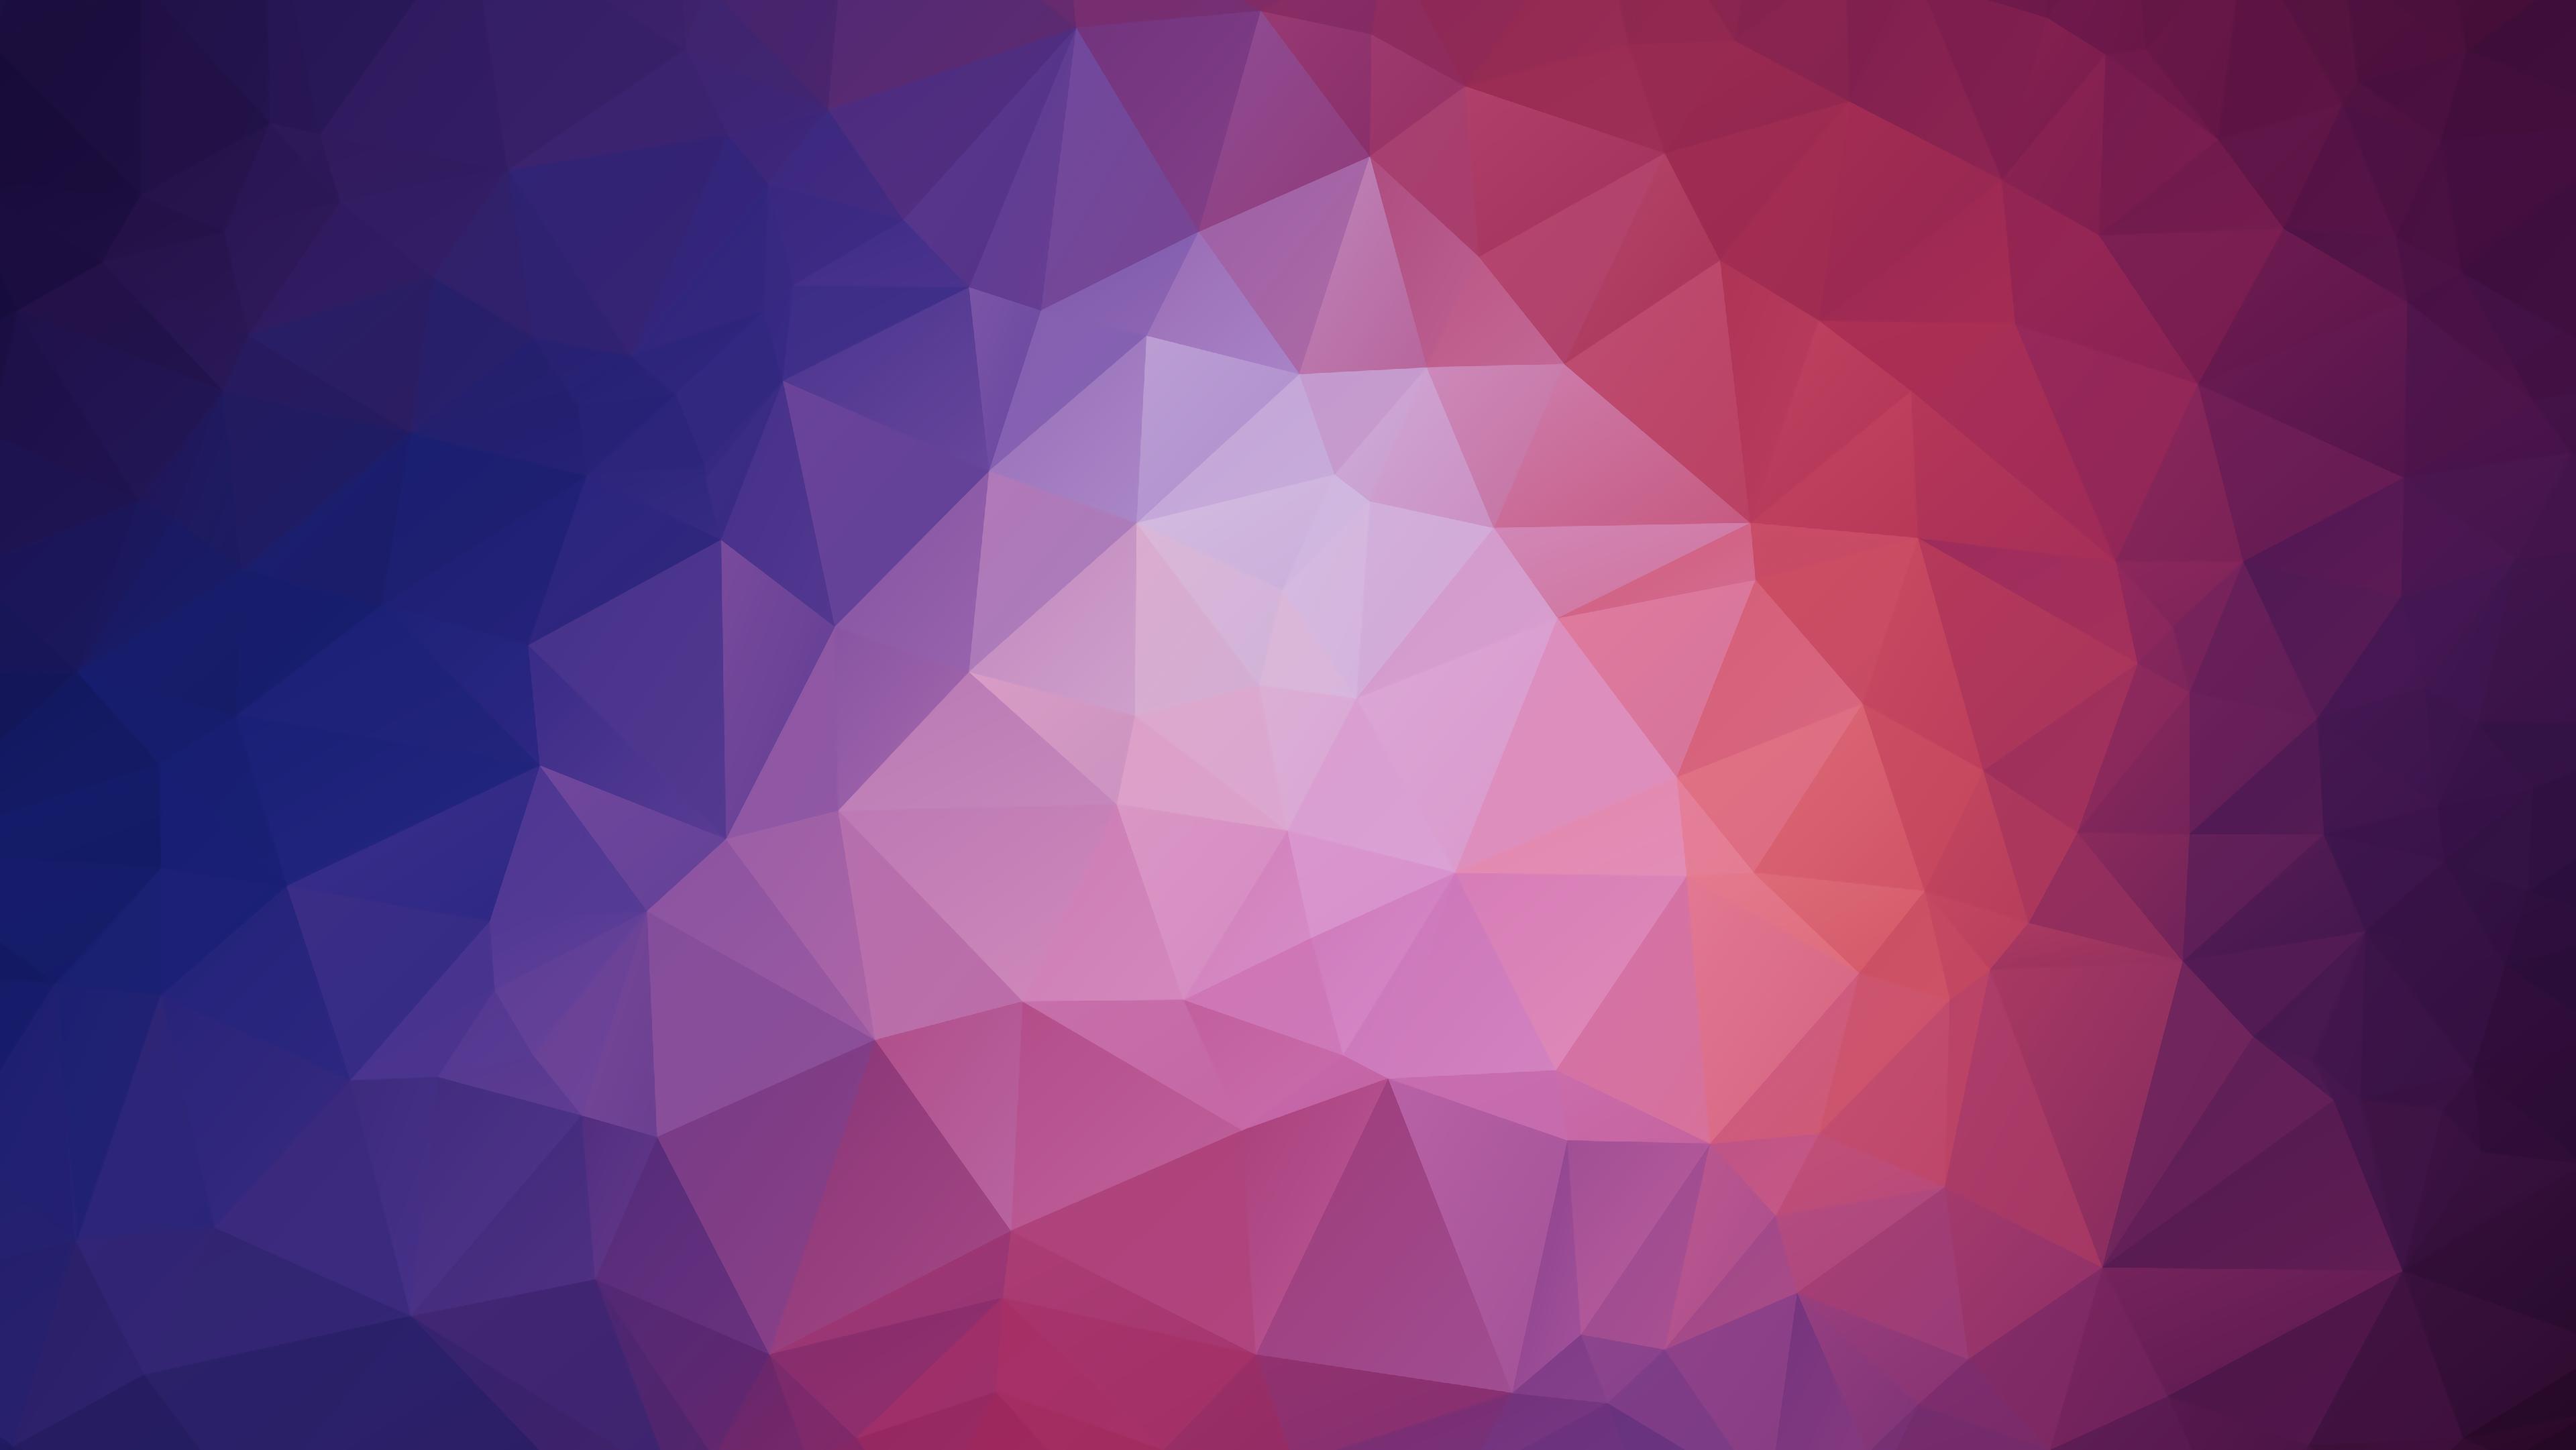 Wallpaper Polygon Triangles Geometric Patterns   Geometric 3840x2162